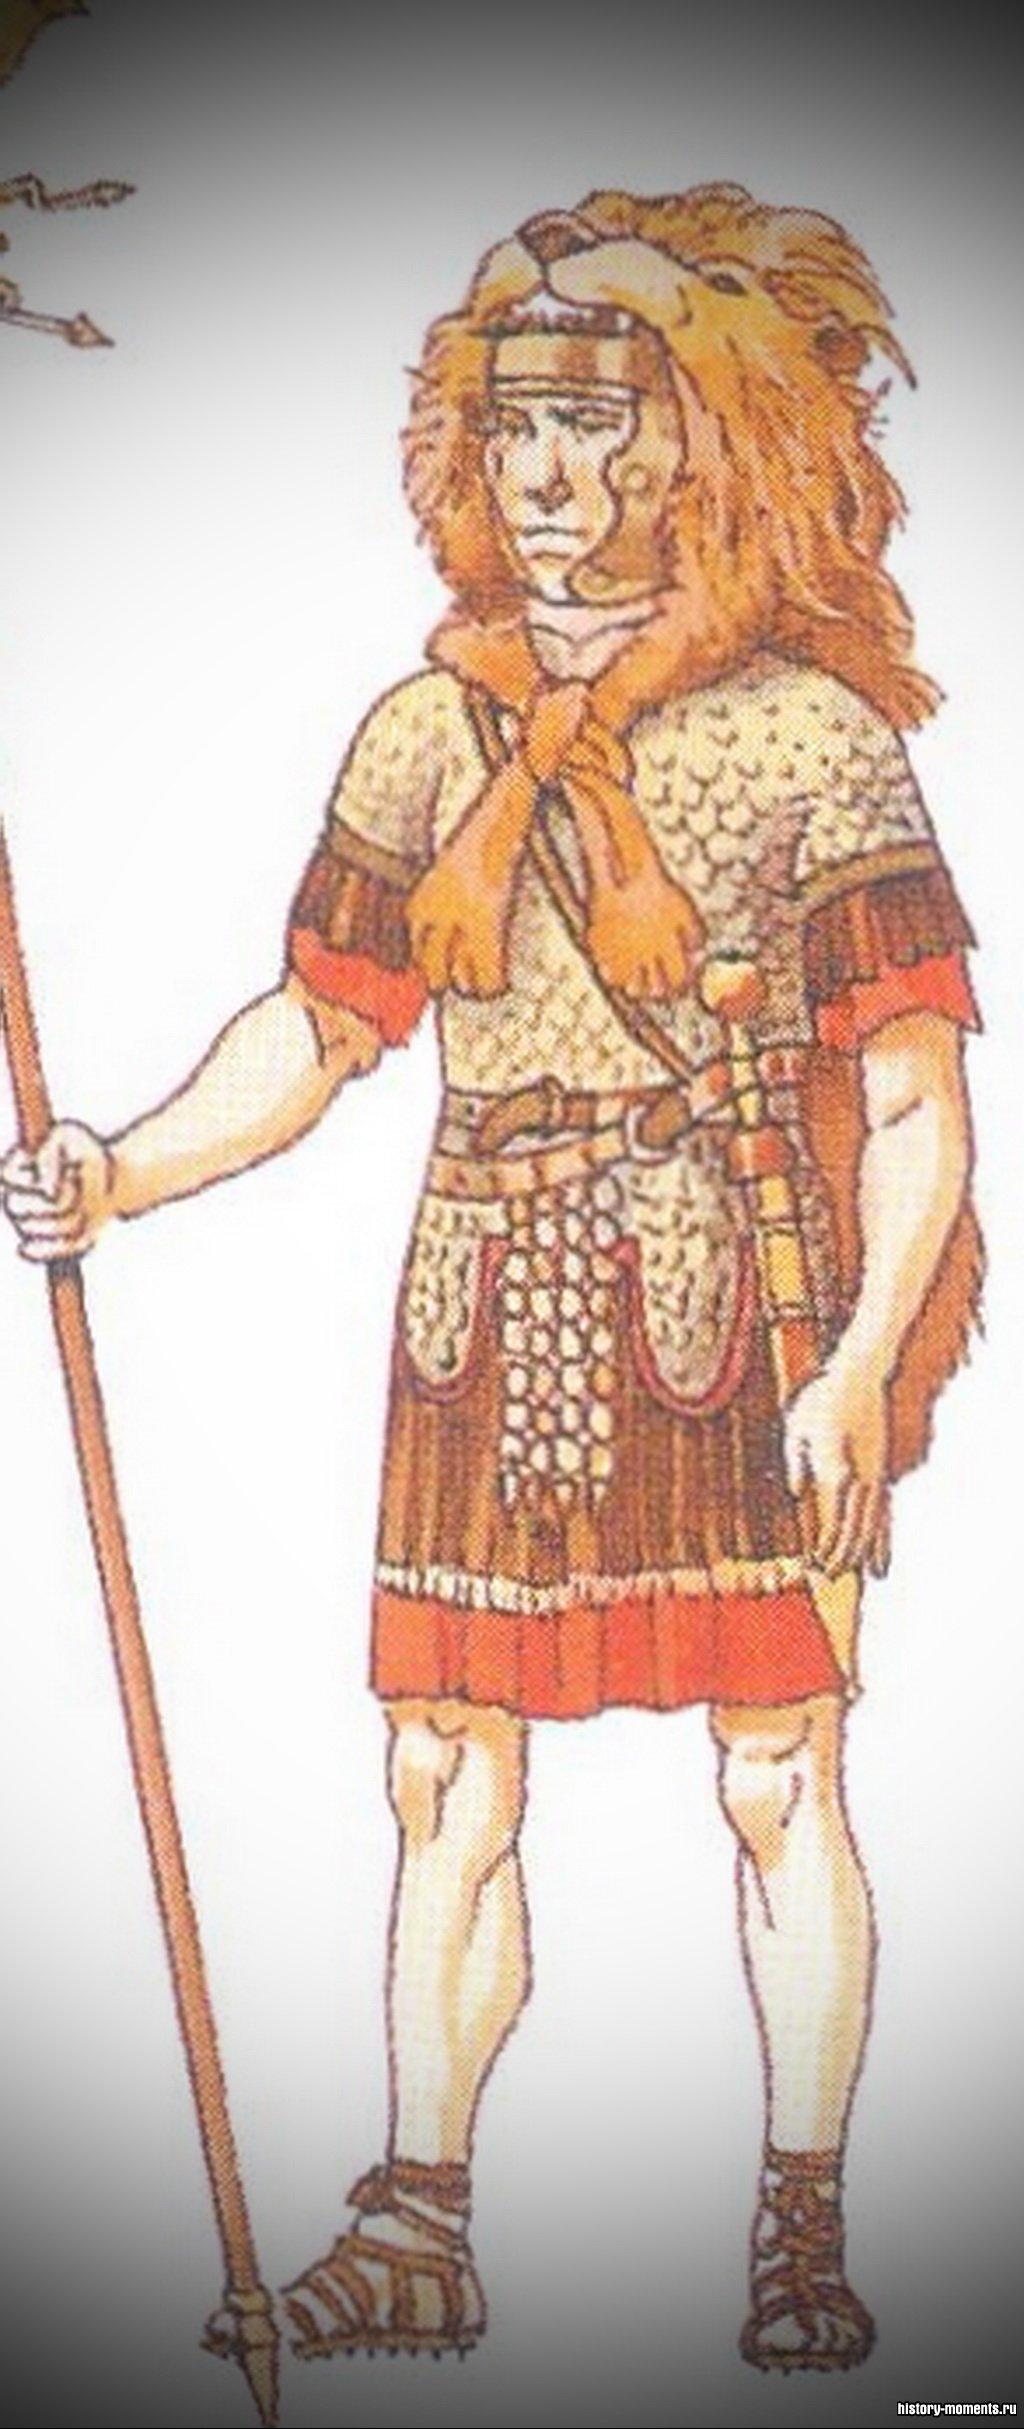 Аквилифер - орлоносец легиона. Нес во время битвы эмблему - золотого орла.